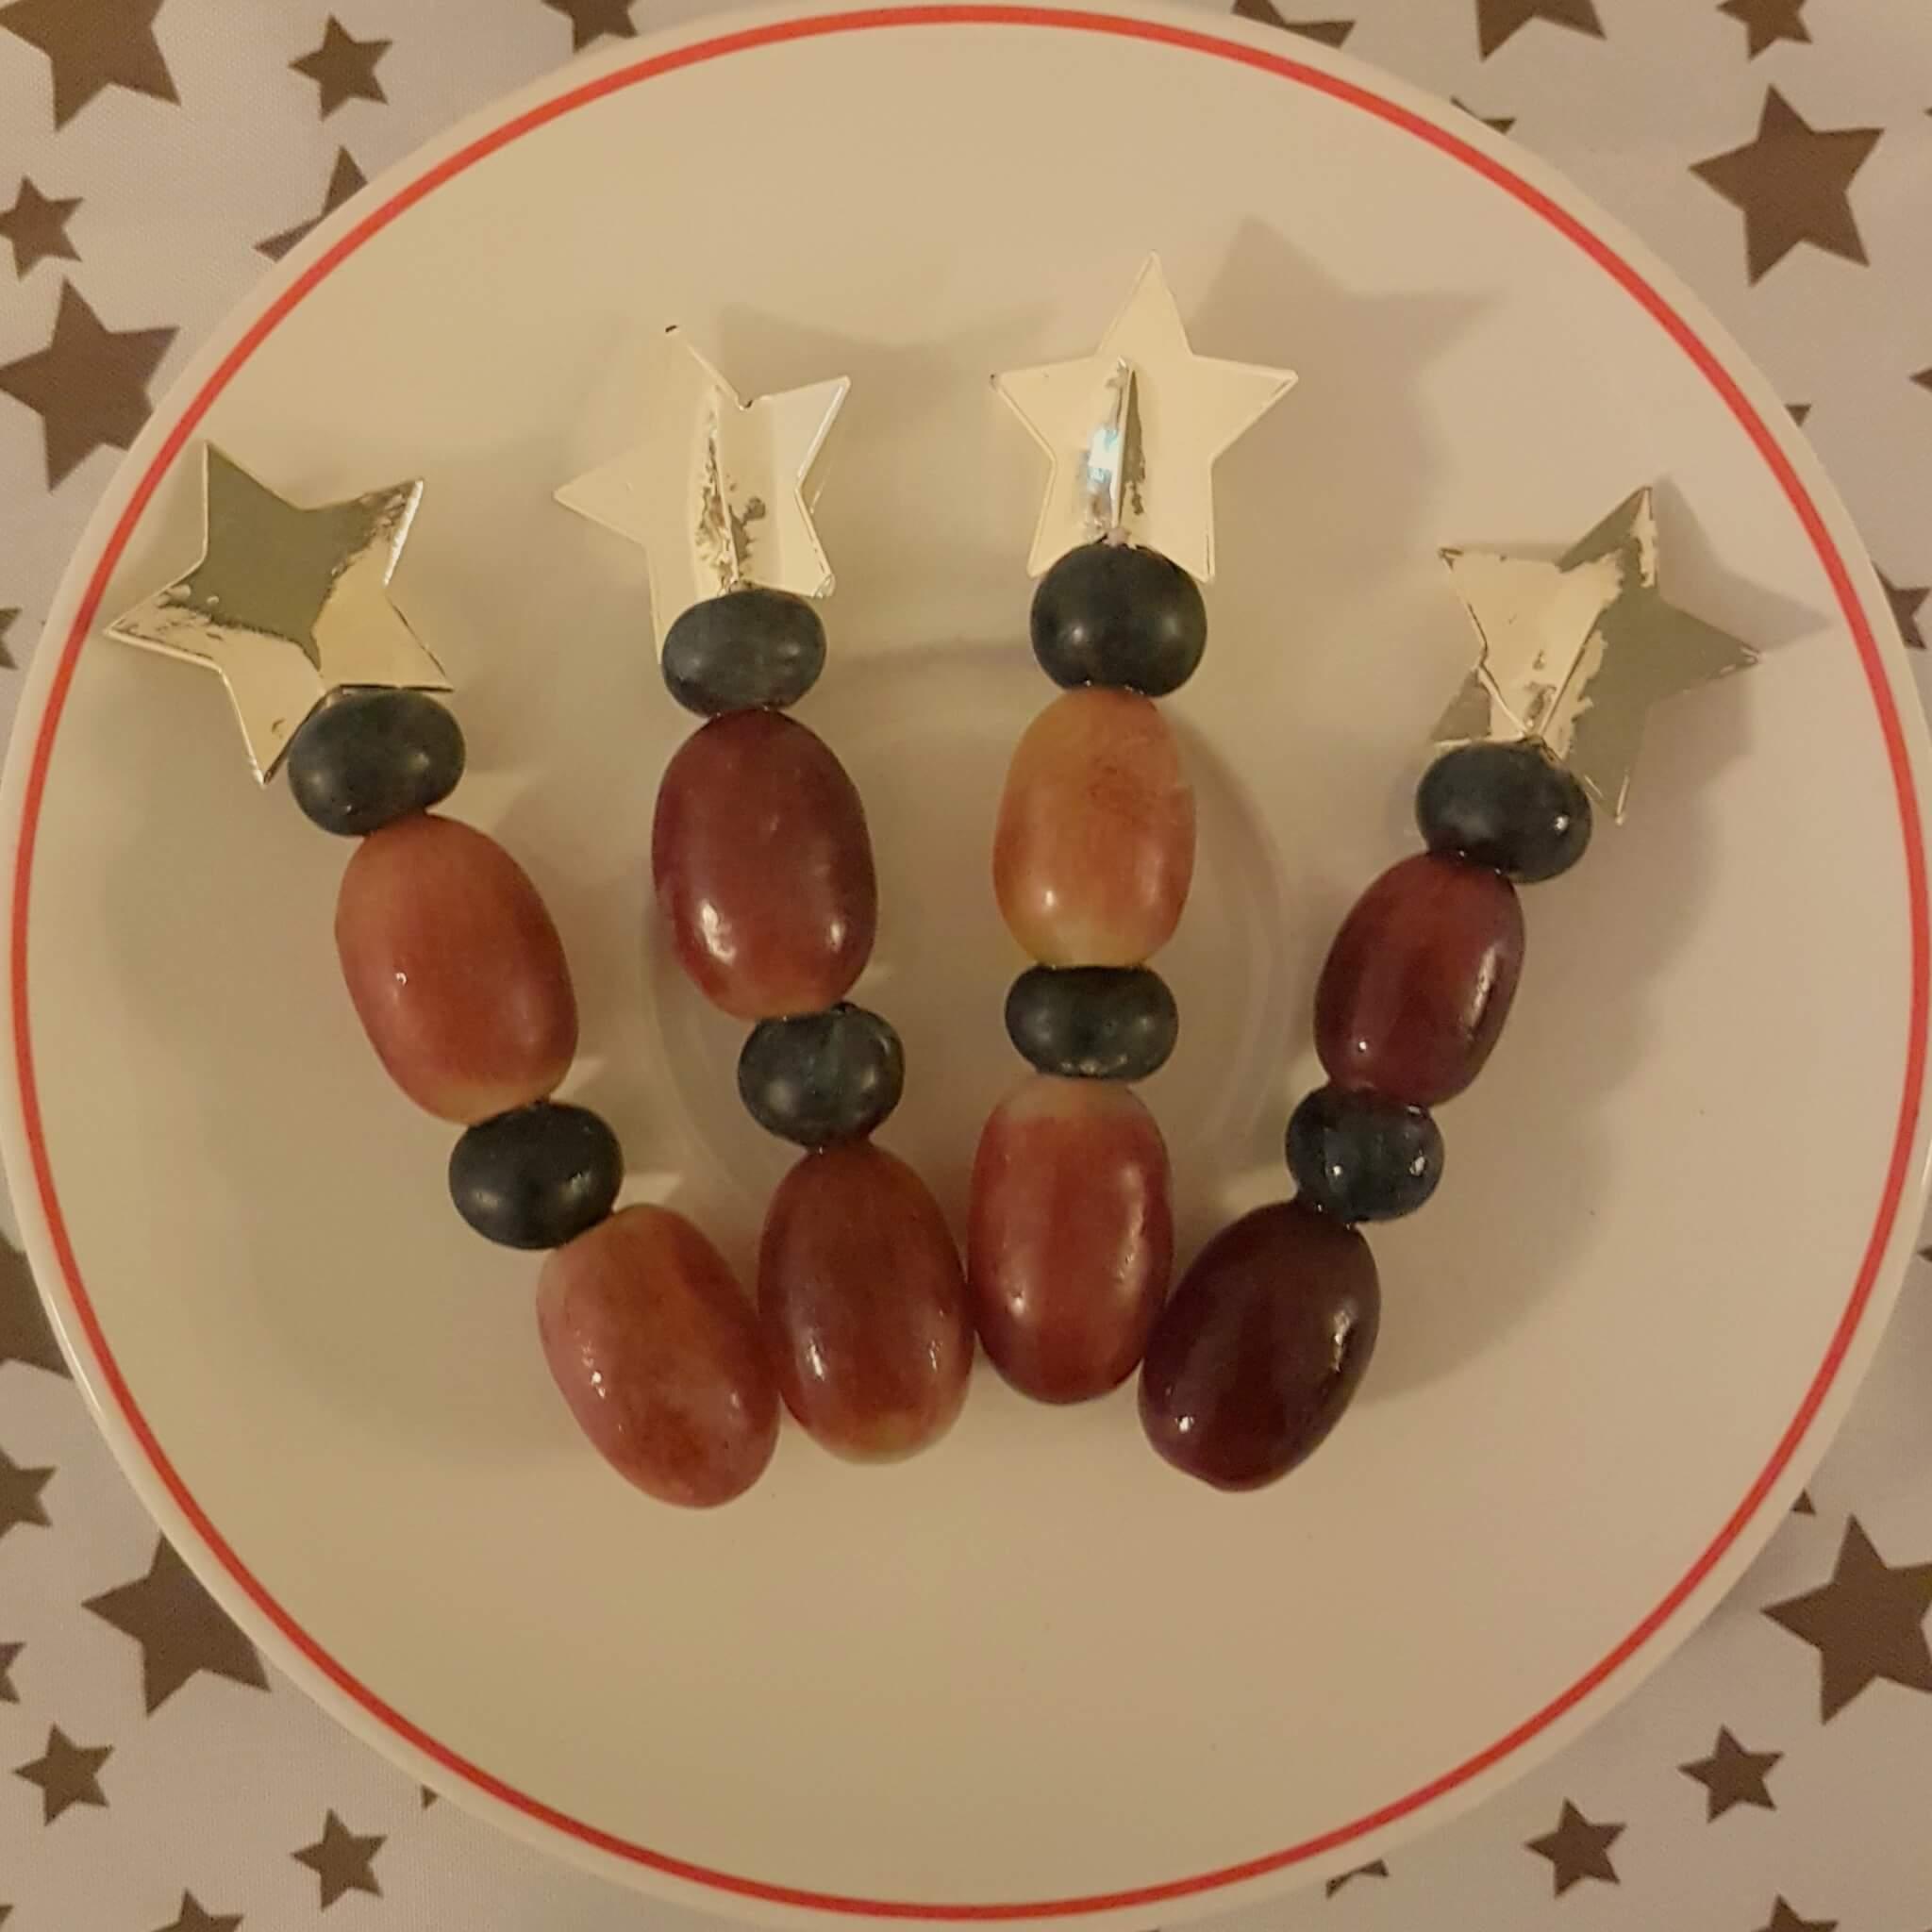 De leukste kindvriendelijke recepten voor kerstdiner en kerstontbijt - op school en thuis - fruitprikker met ster